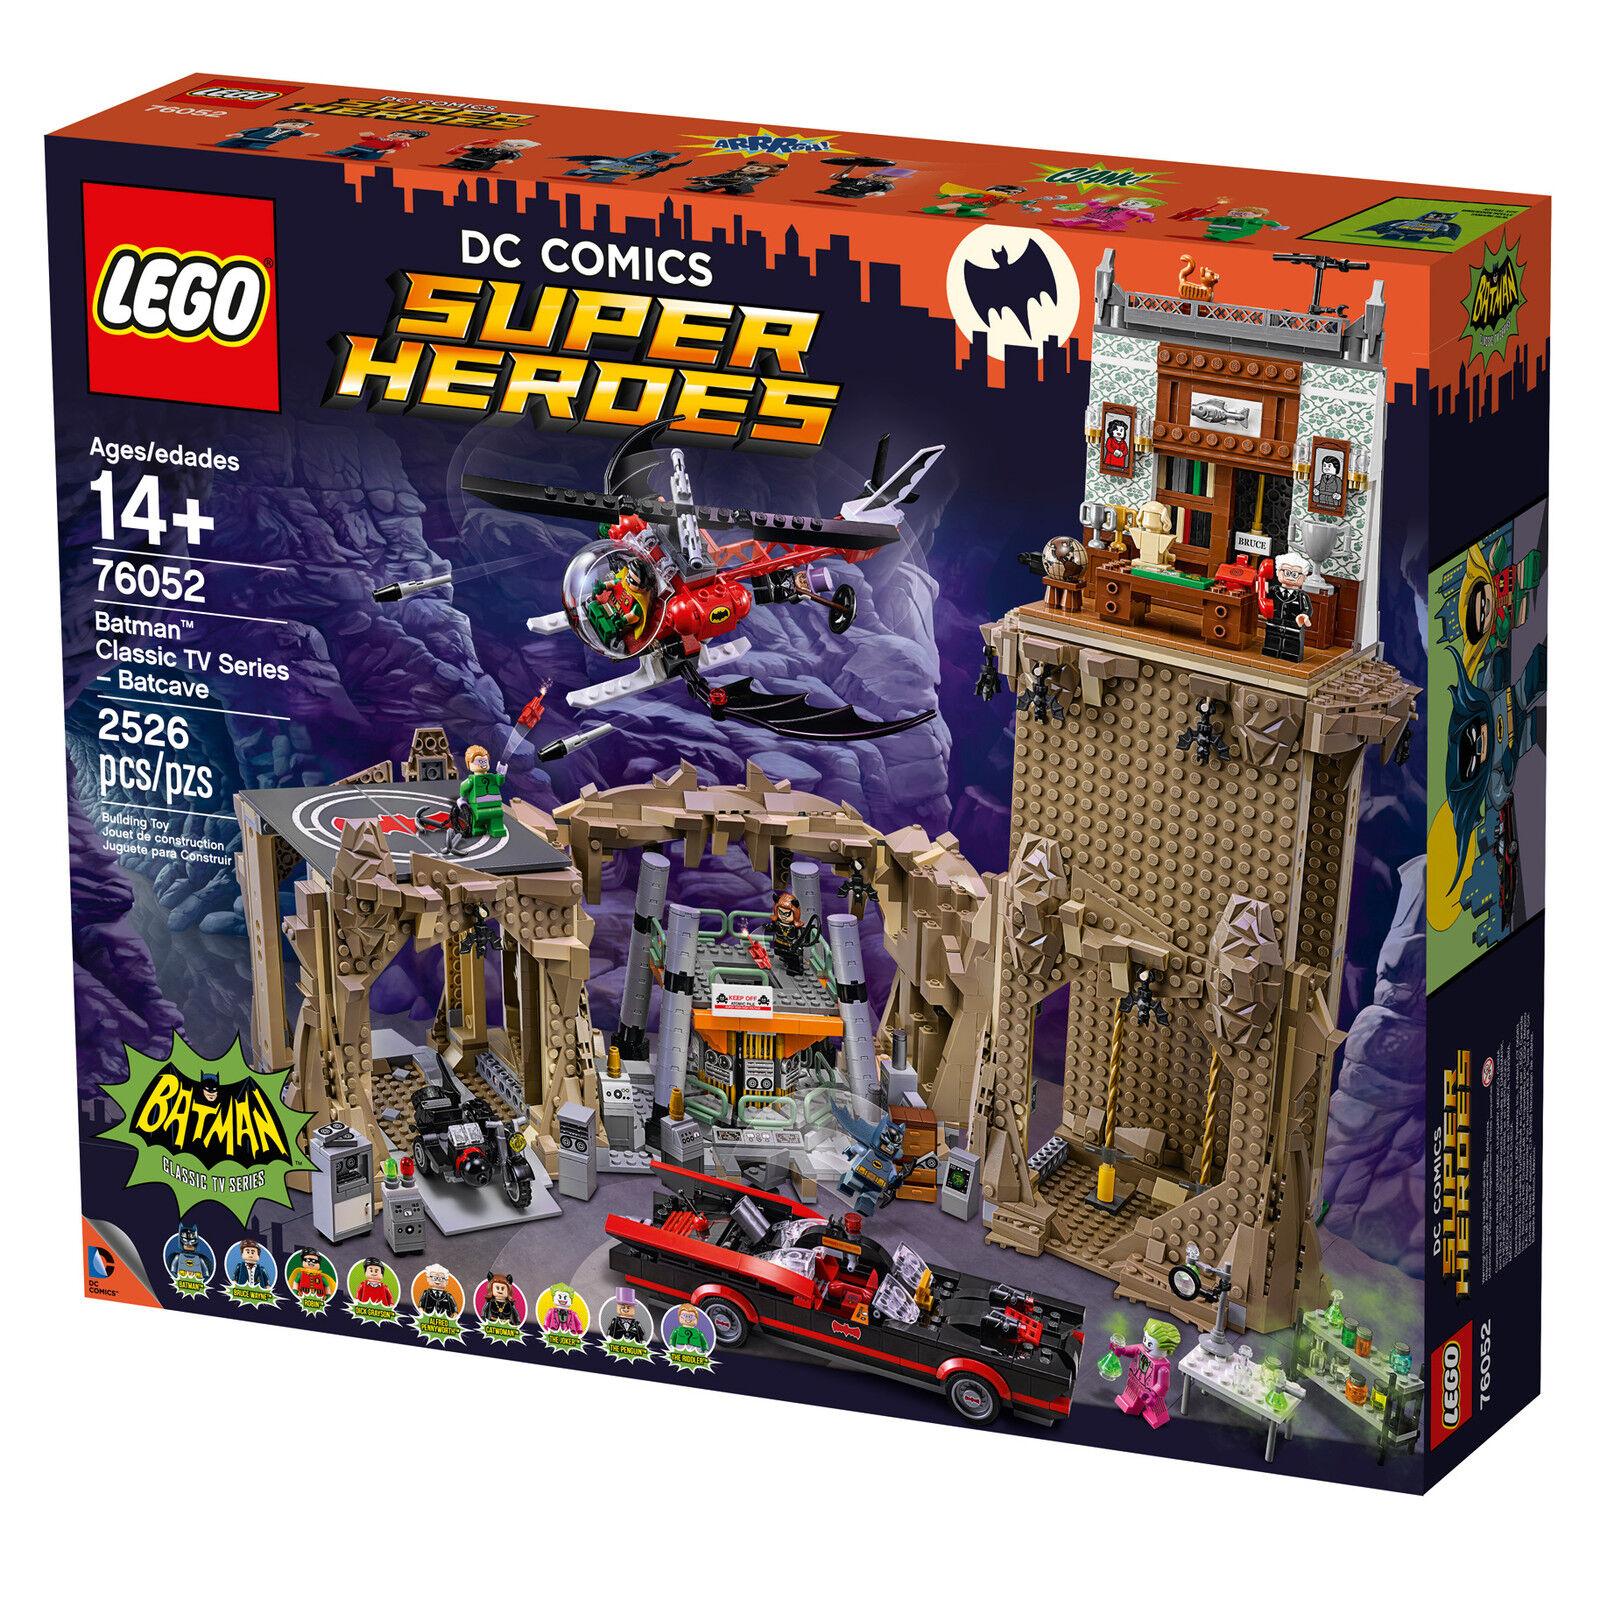 Lego Batman Baticueva (Retro 1966 Serie de TV)  76052 (nuevo Sellado) (limitada)